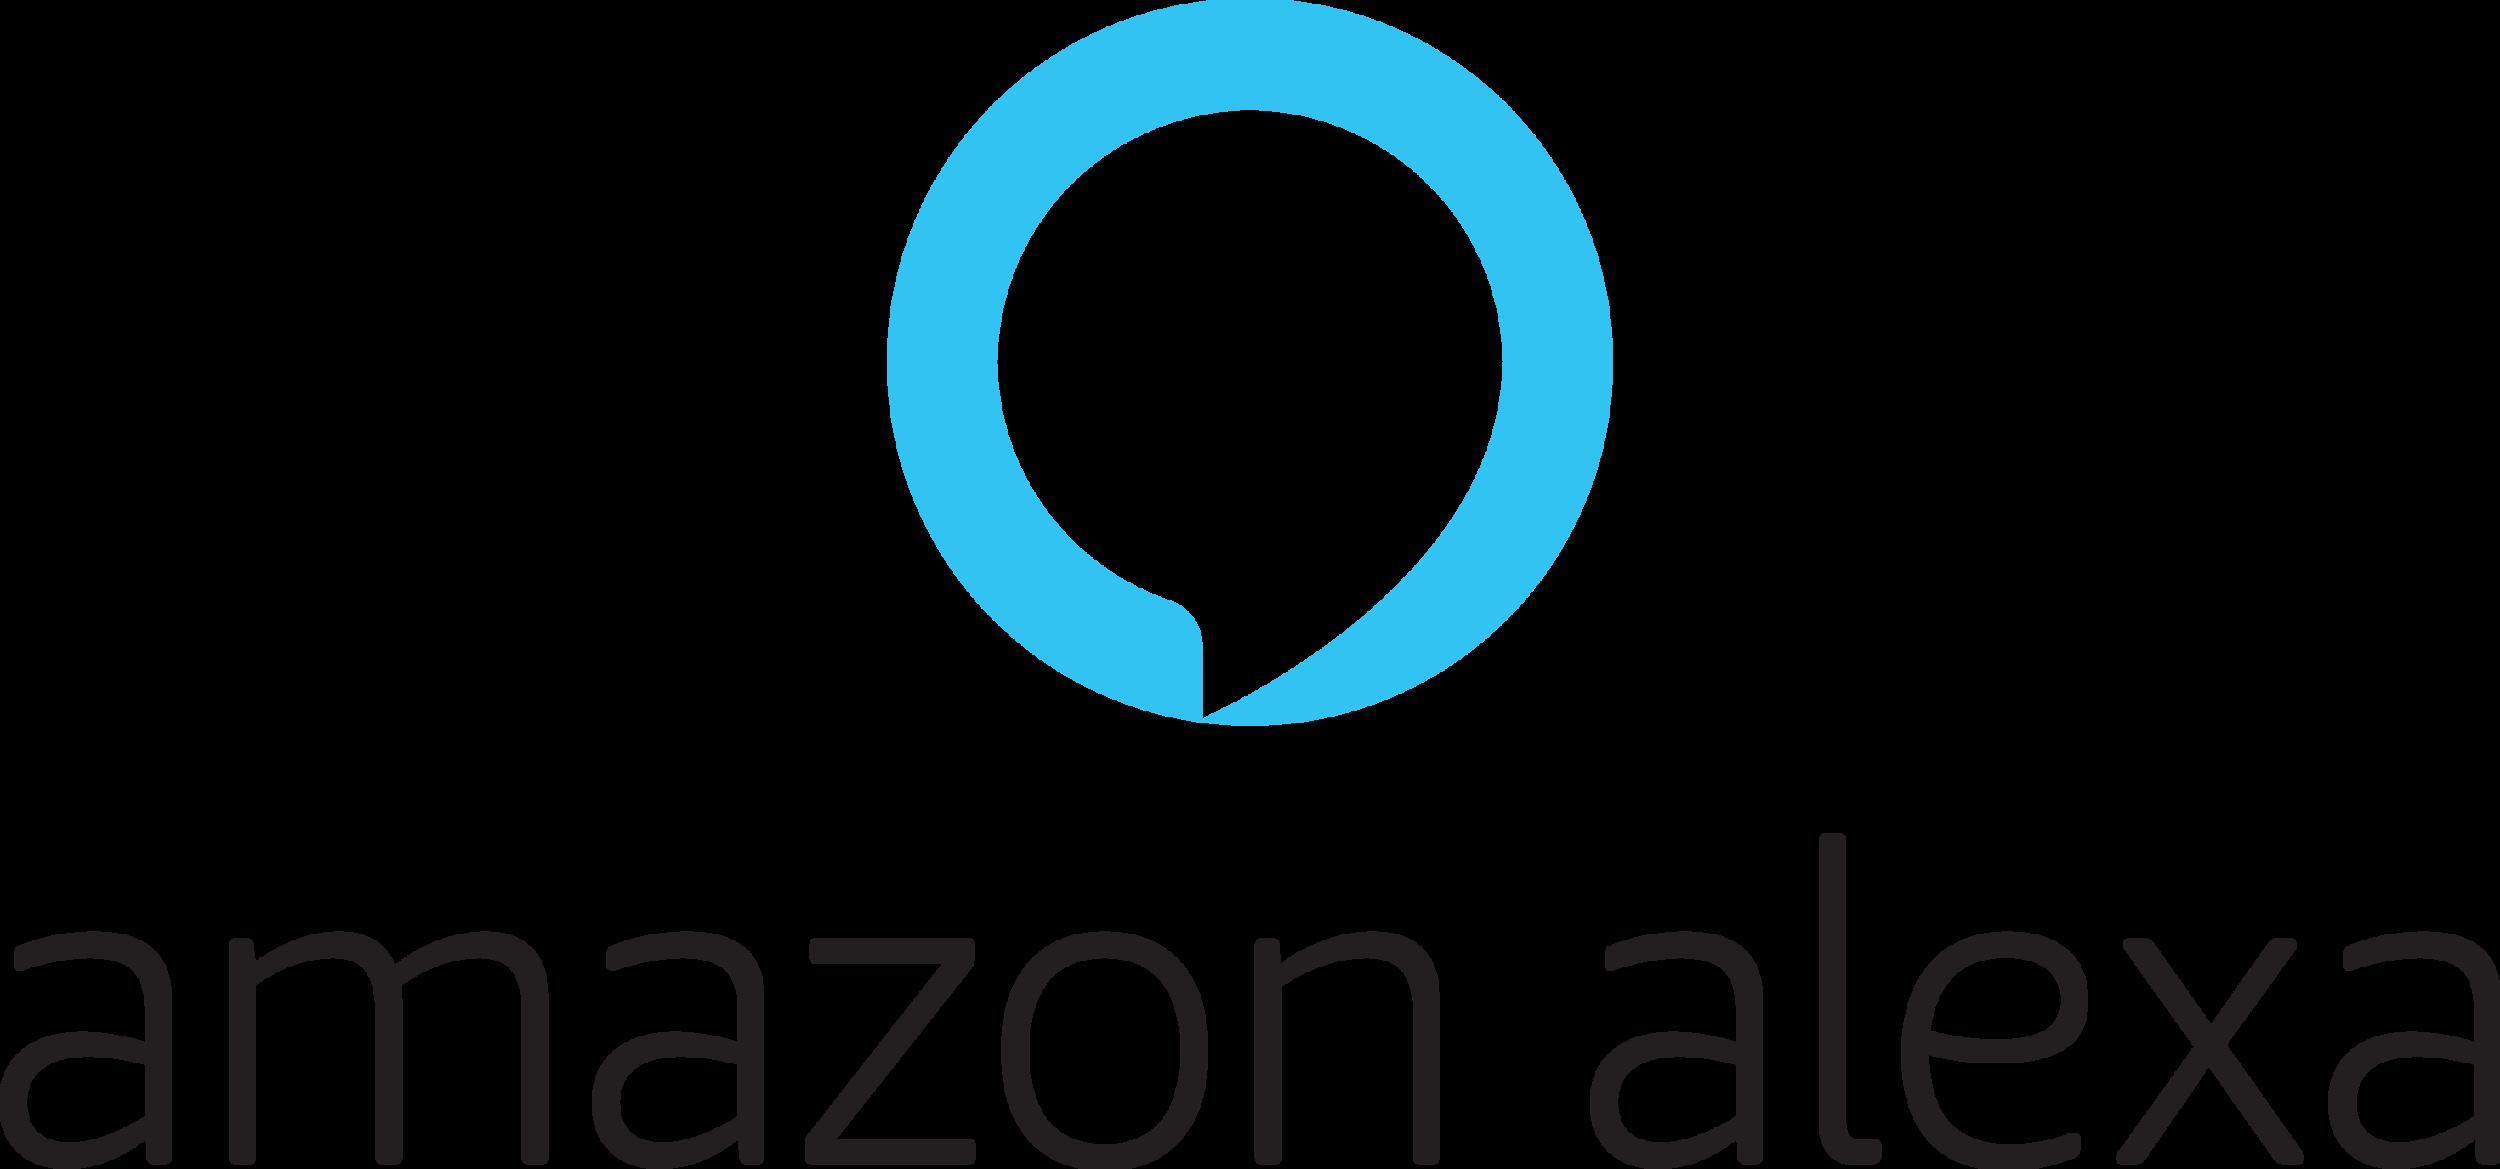 amazon-alexa-logo.png